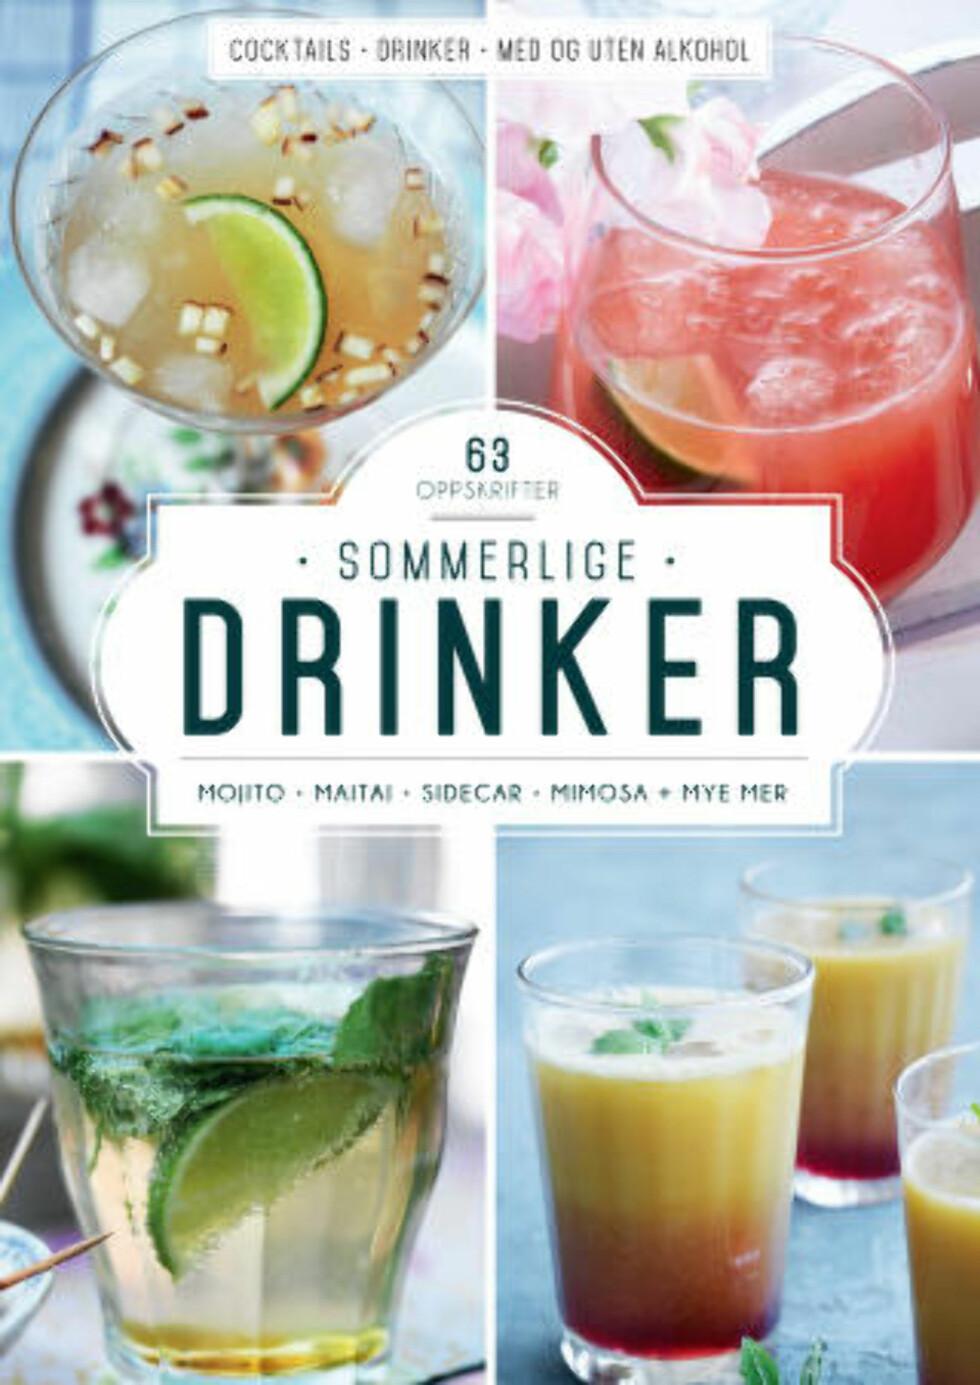 SOMMERLIG: Den klassiske drinken Maitai er en av mange oppskrifter du finner i oppskriftsboka Sommerlige drinker. Foto: ALL OVER PRESS